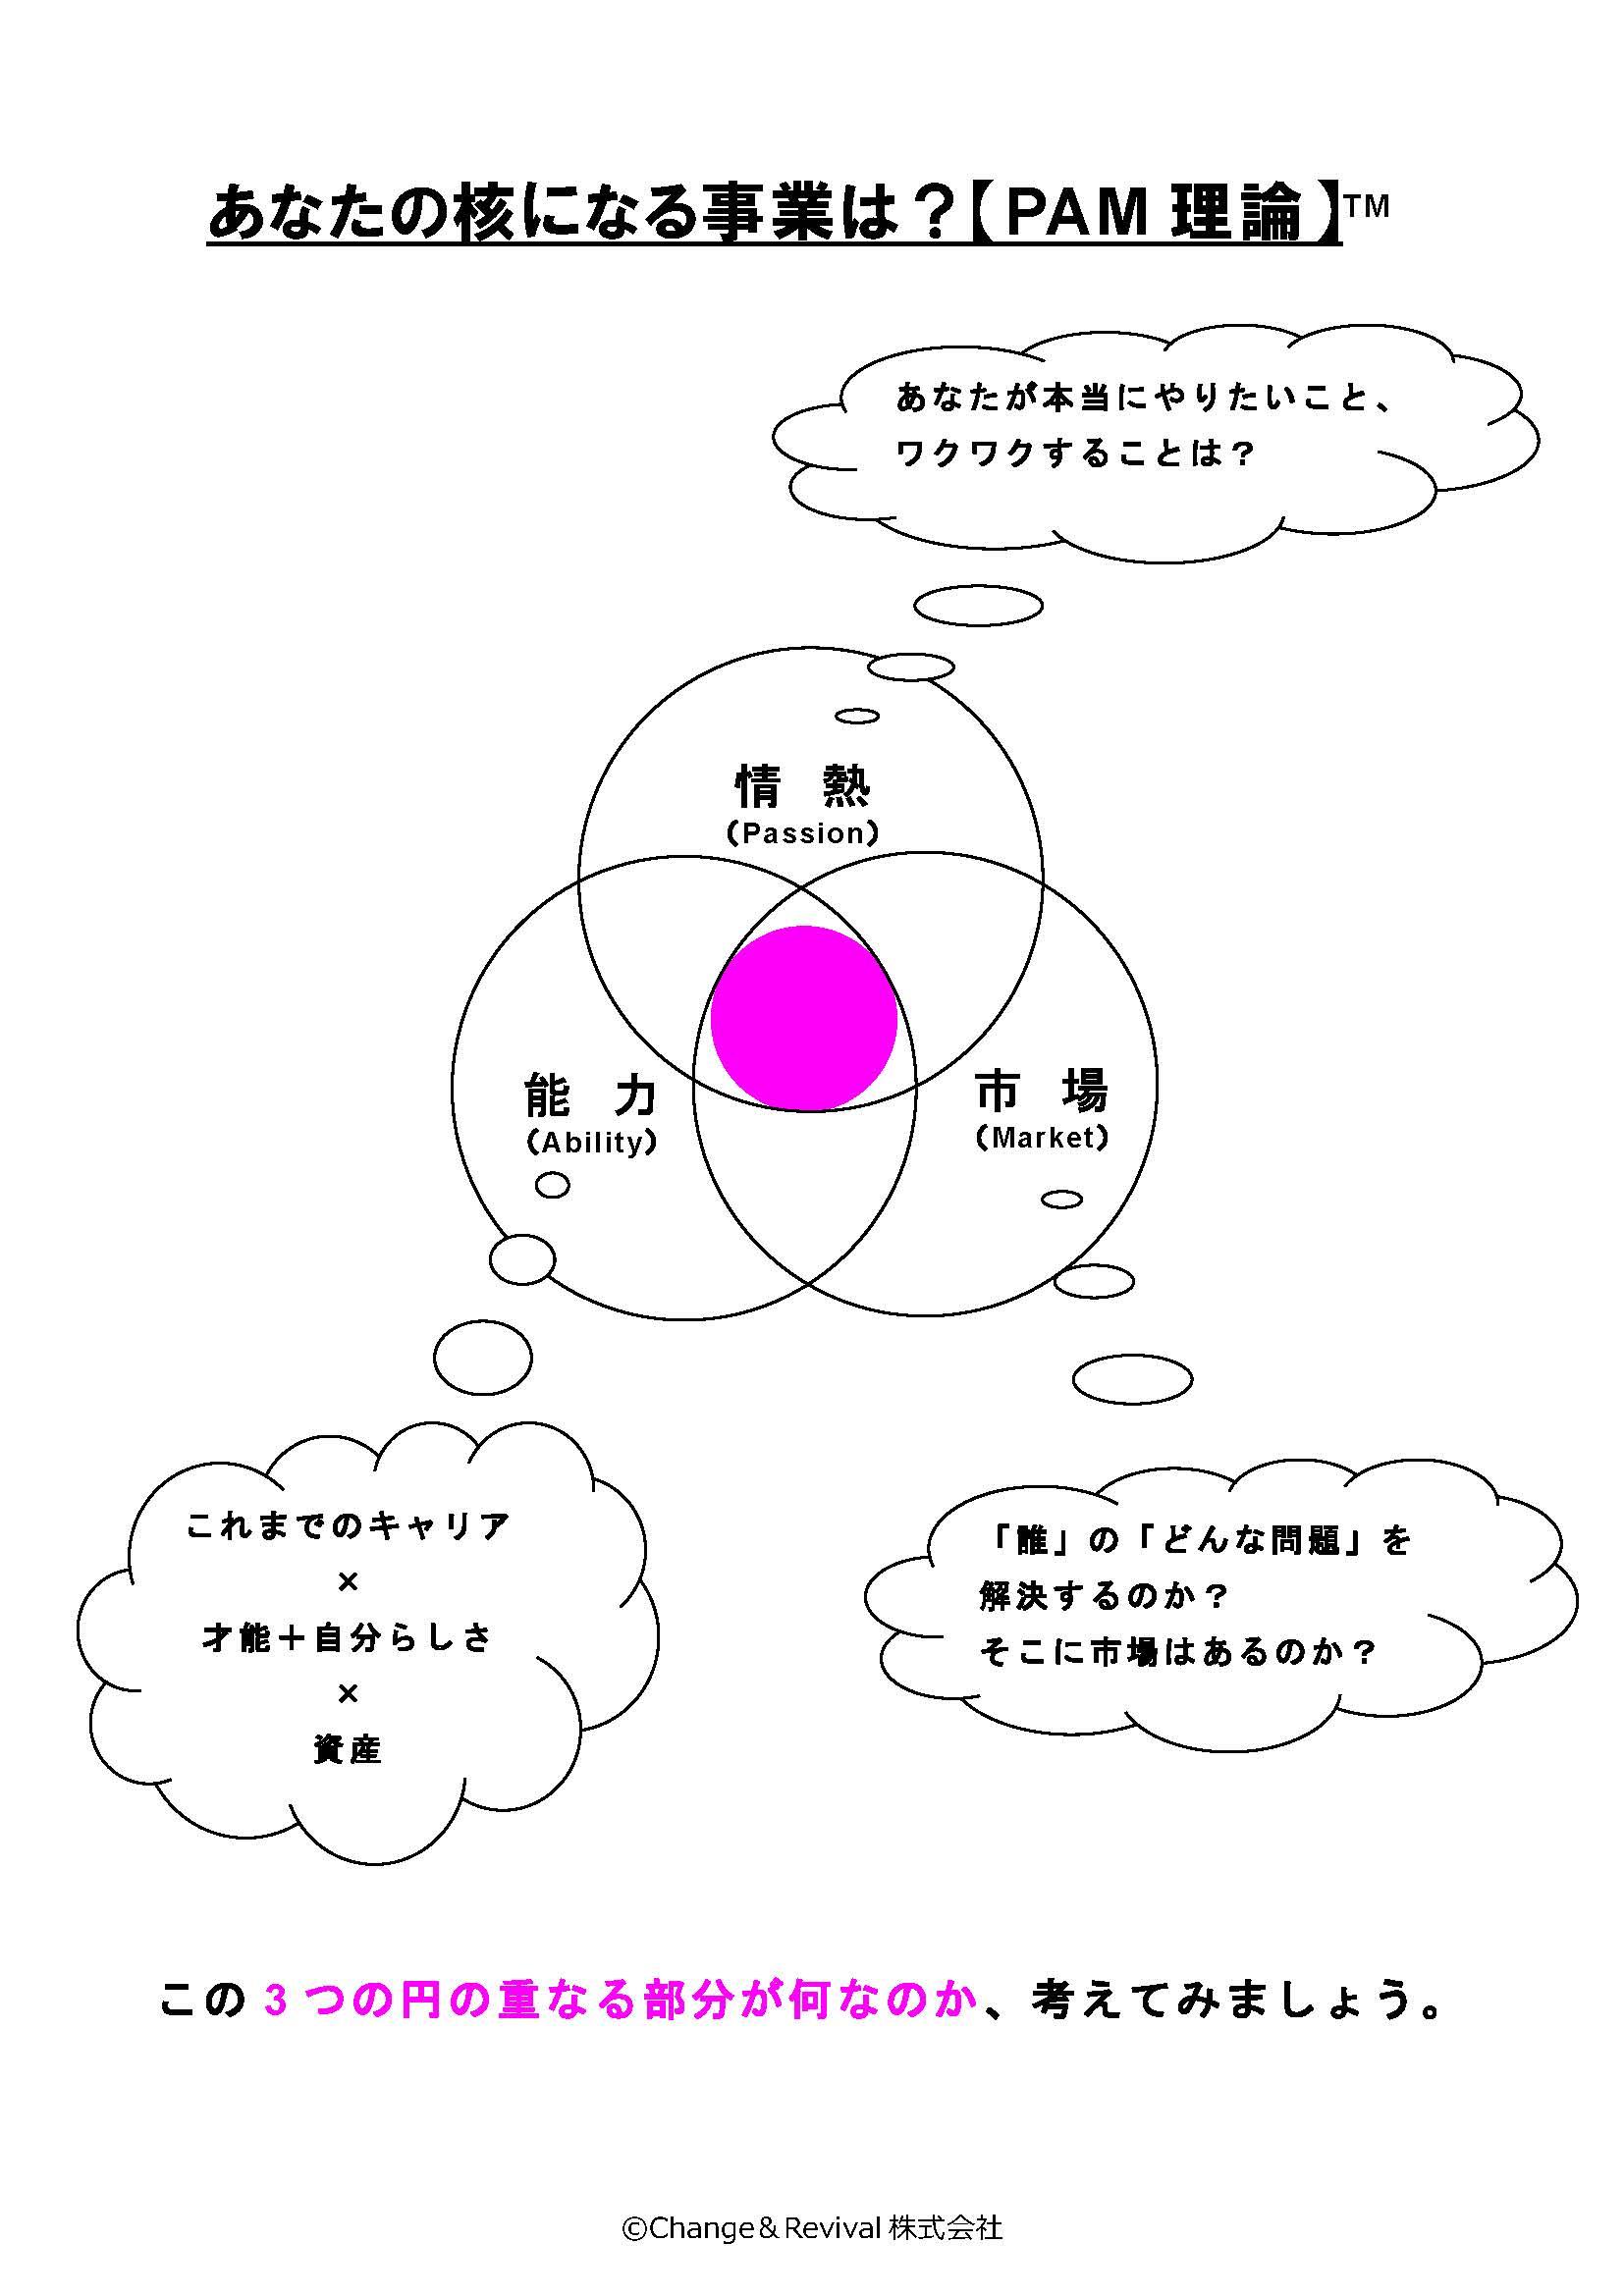 あなたの核になる事業は?【PAM理論】(概念図)